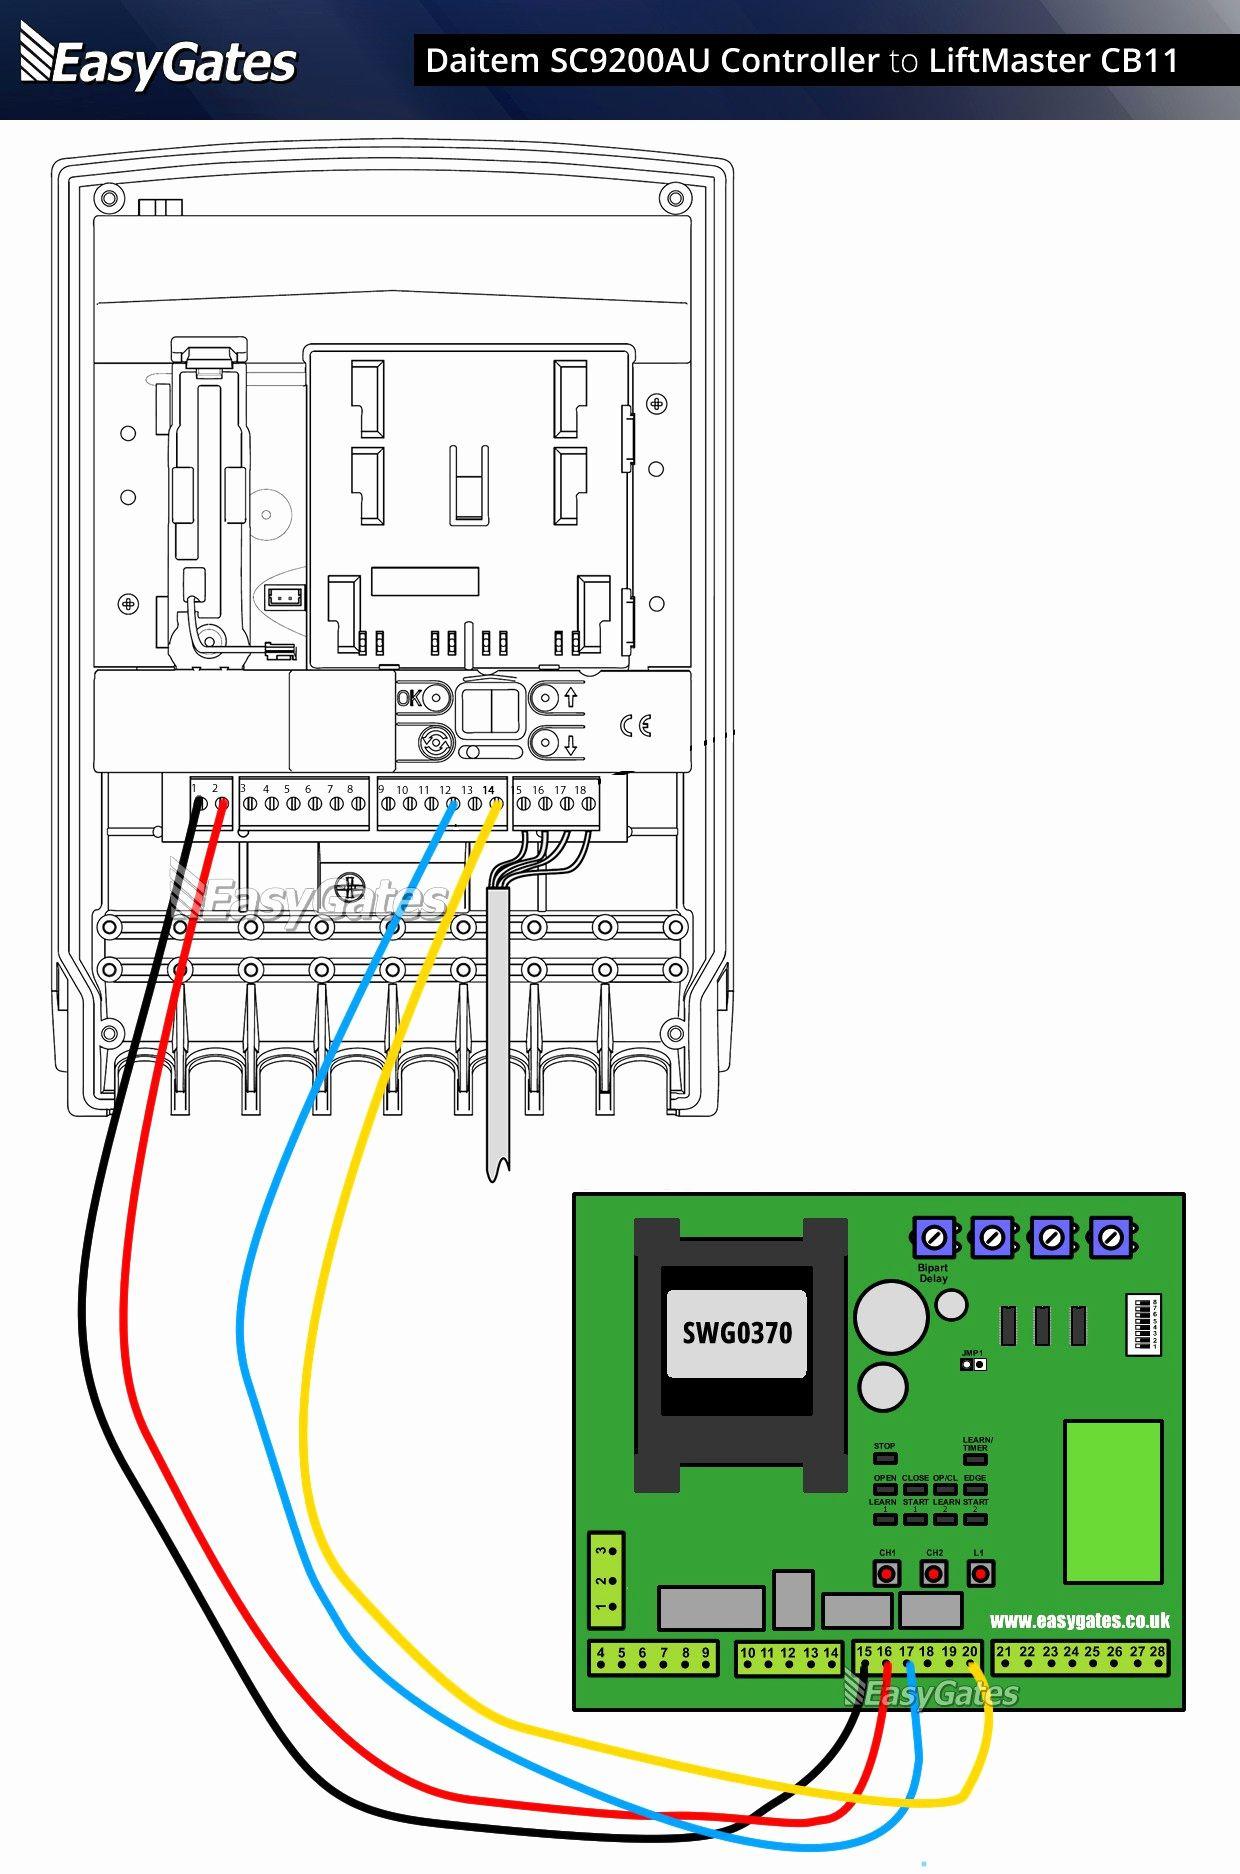 Chamberlain Whisper Drive Garage Door Opener Wiring Diagram | Manual - Chamberlain Garage Door Sensor Wiring Diagram